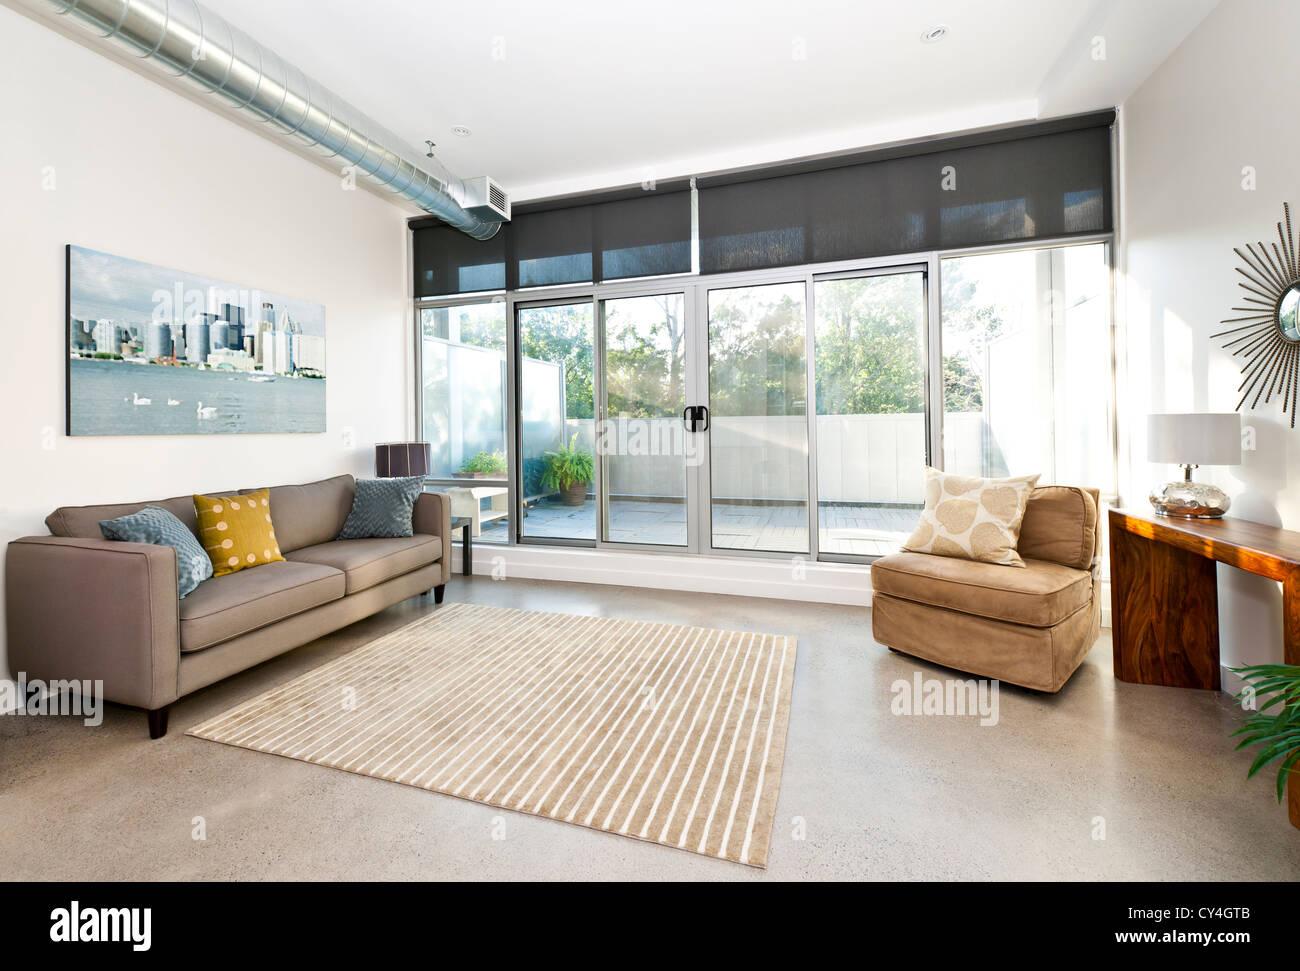 Soggiorno con porta a vetri scorrevole al balcone - grafica dal fotografo portfolio Immagini Stock